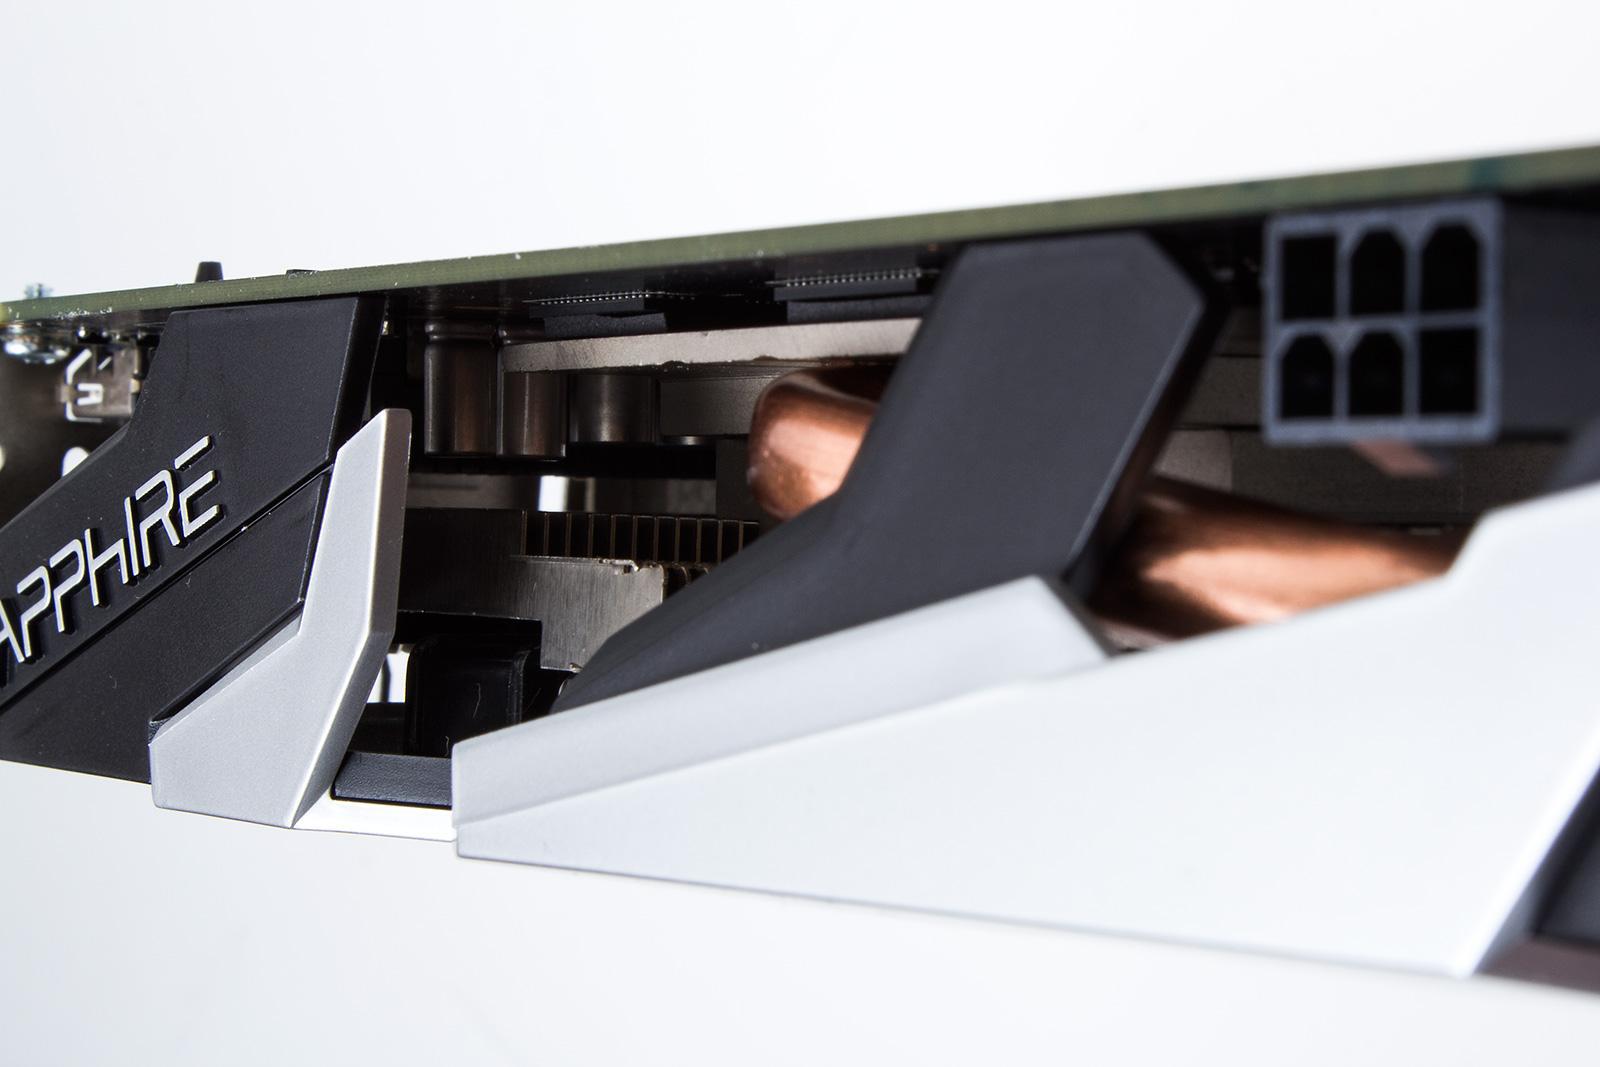 Det nye Radeon HD 7790 Krever ekstra strøm fra en 6-pins PCI-E-kabel.Foto: Varg Aamo, hardware.no